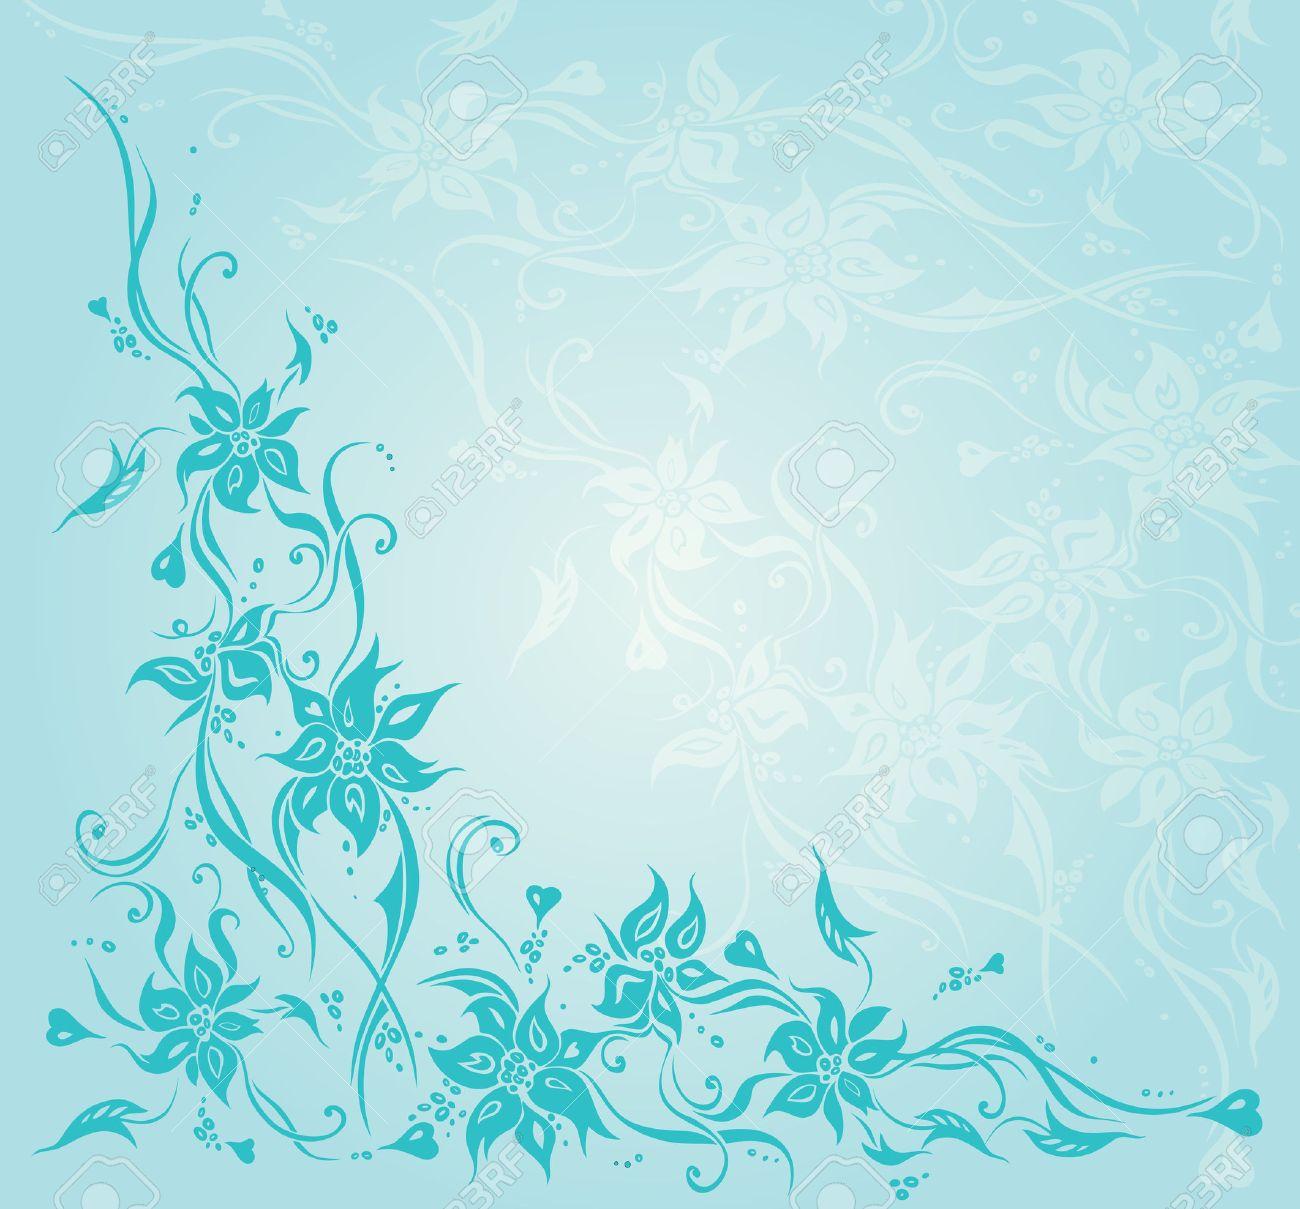 Turkis Grun Blau Vintage Floral Einladung Hochzeit Hintergrund